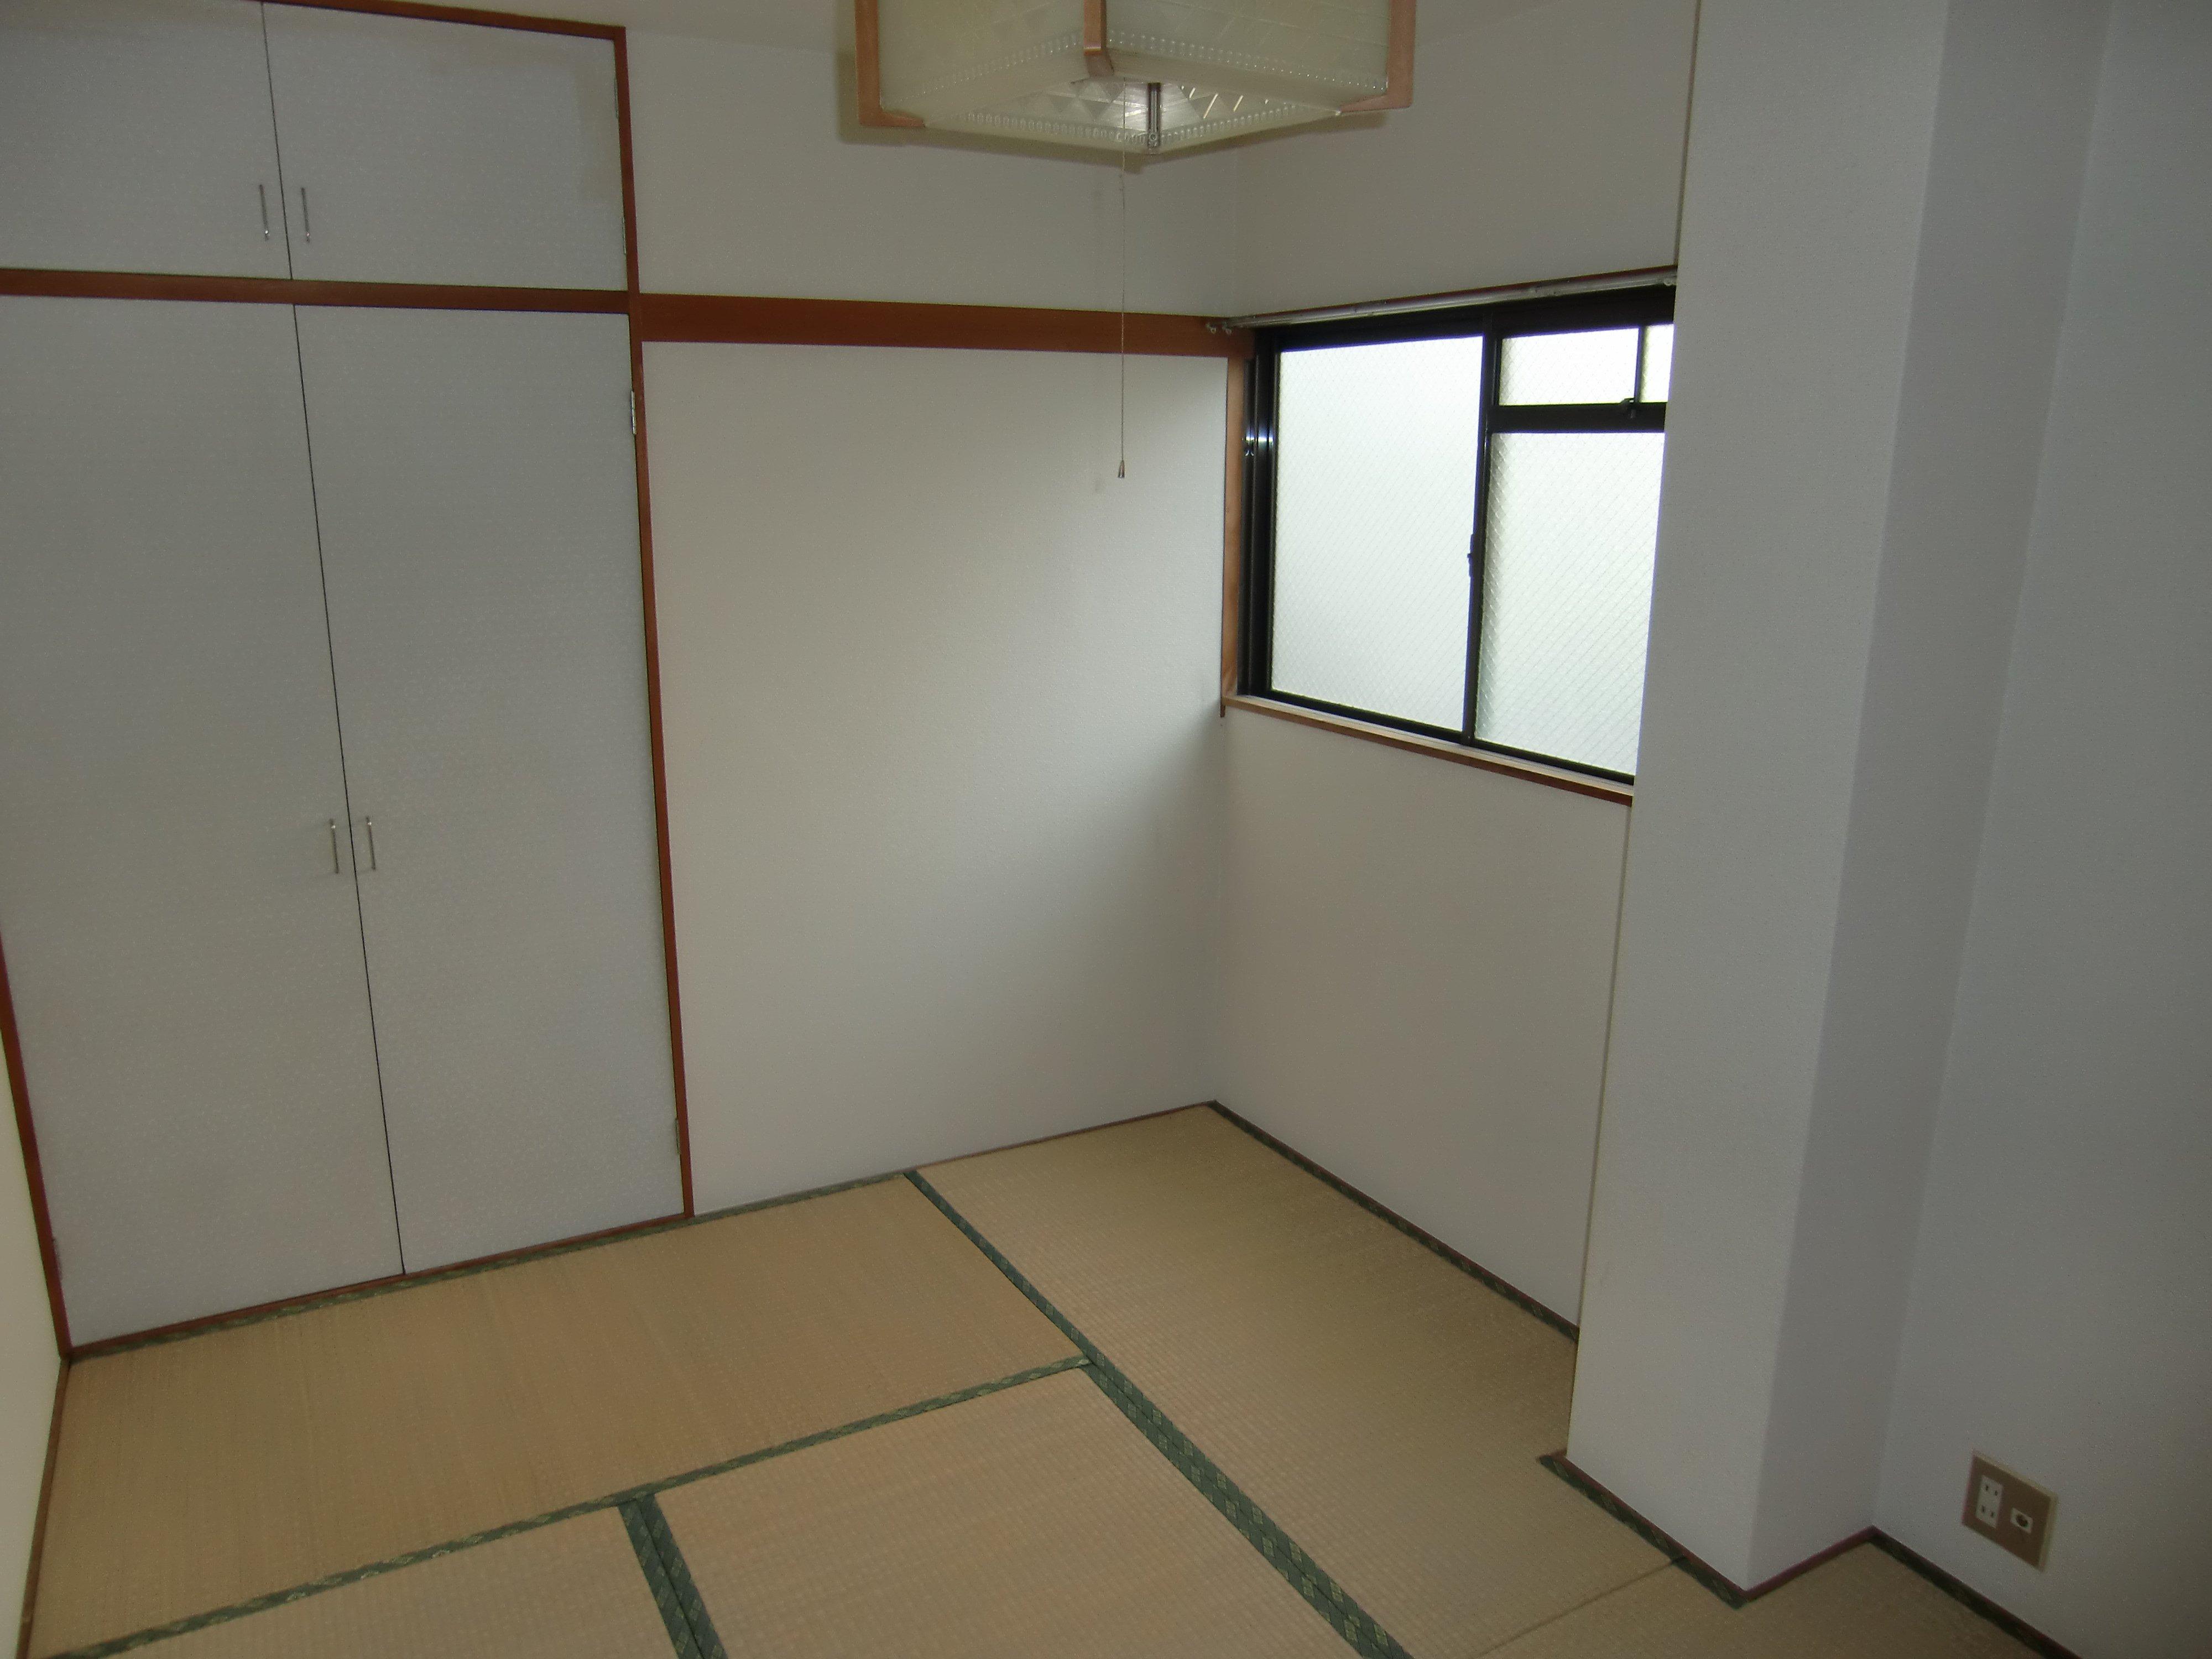 ヴィラブランシェ - Before:4枚目(サムネイル)